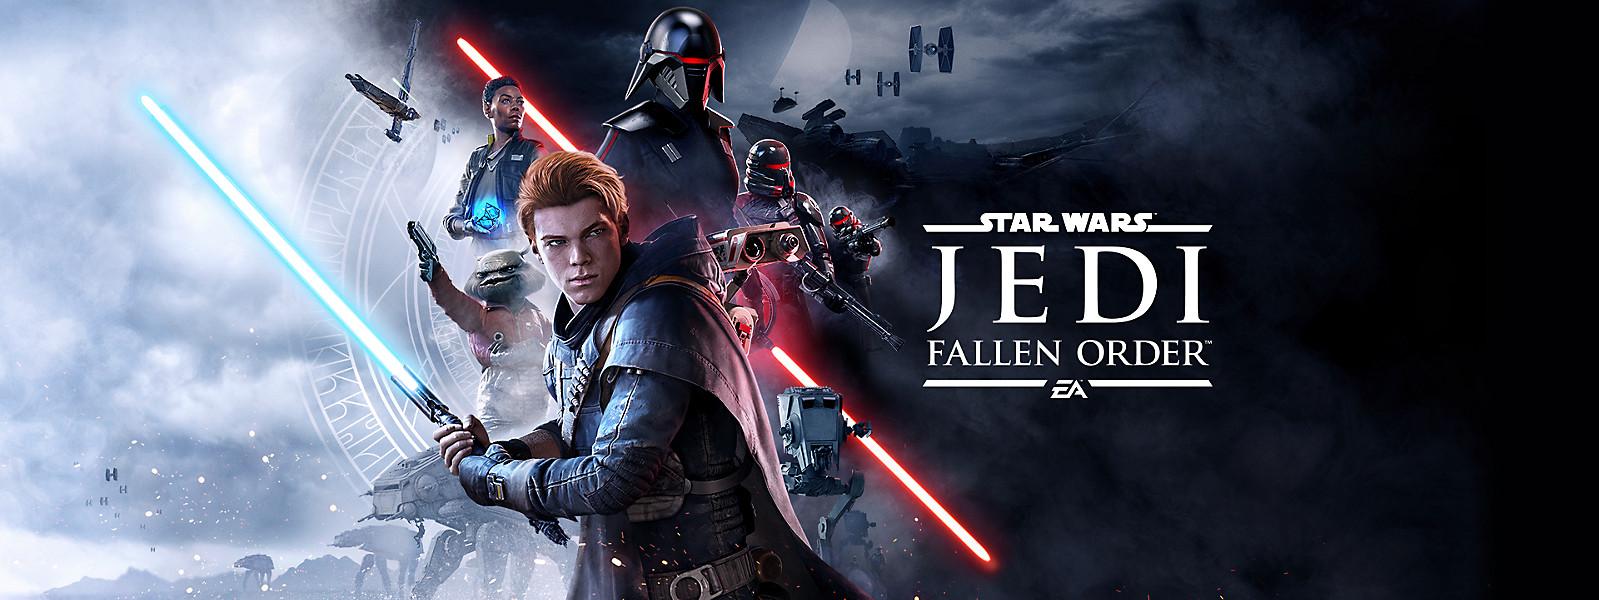 star wars jedi fallen order install game itecnoshop